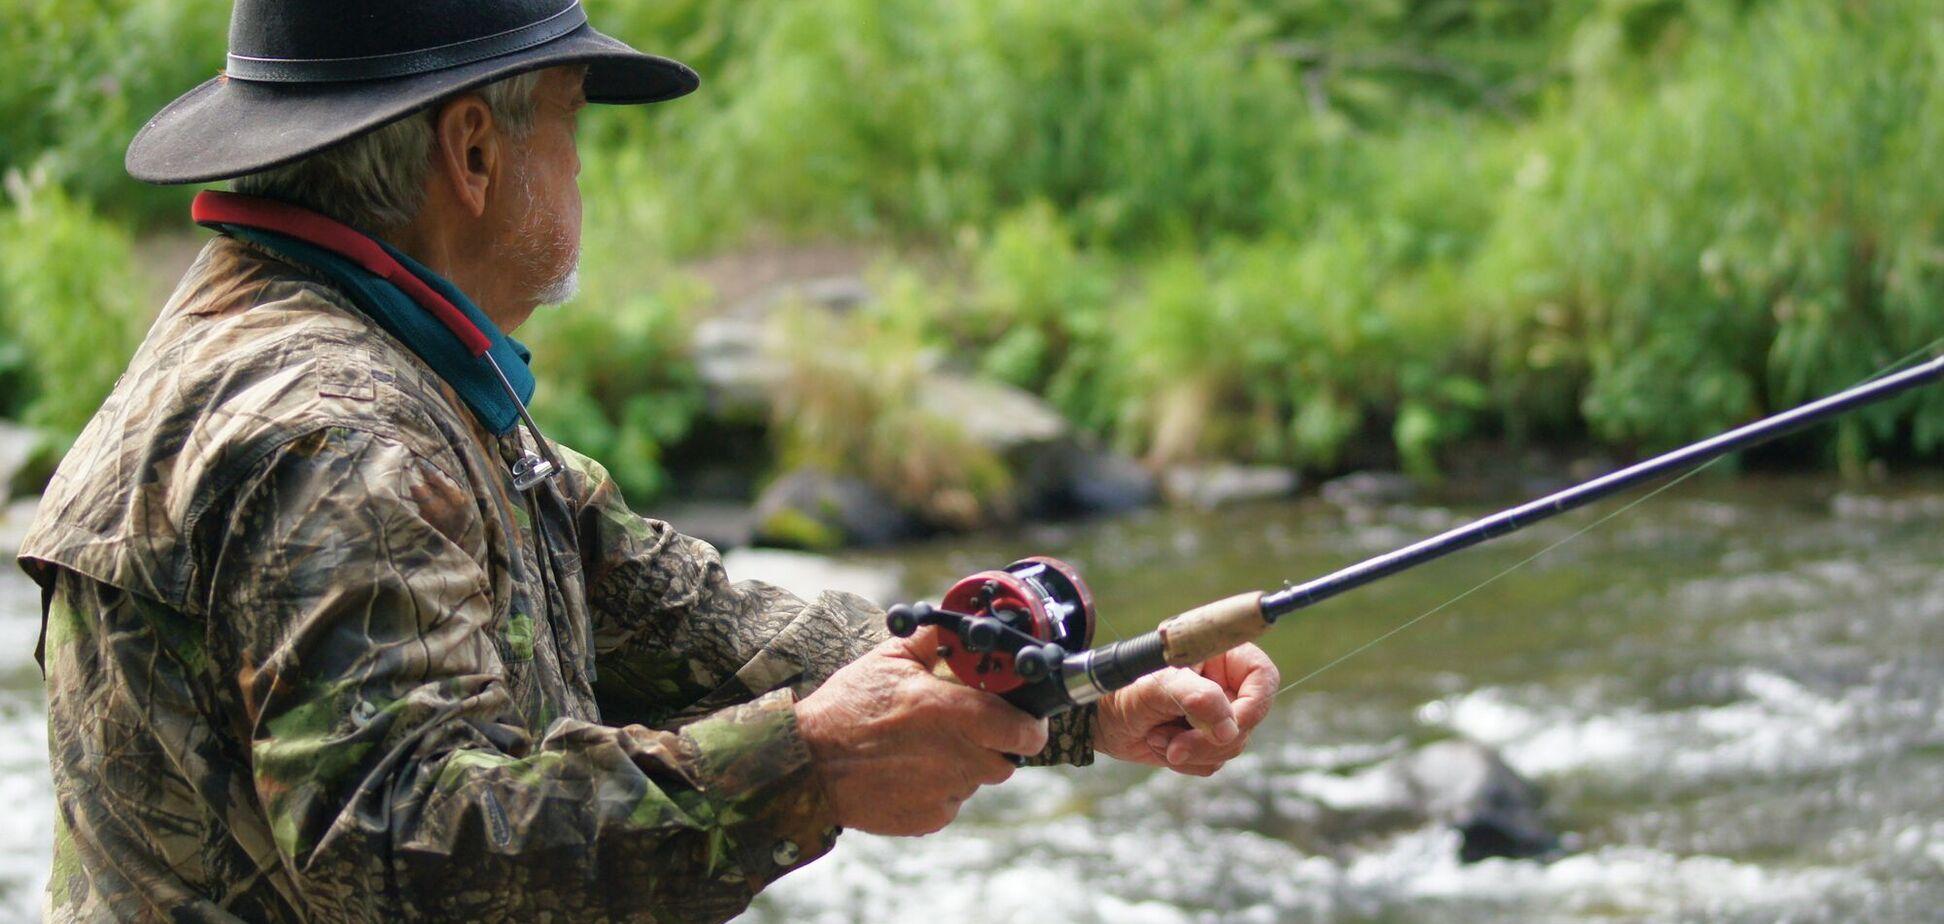 Всемирный день рыболовства отмечается 21 ноября